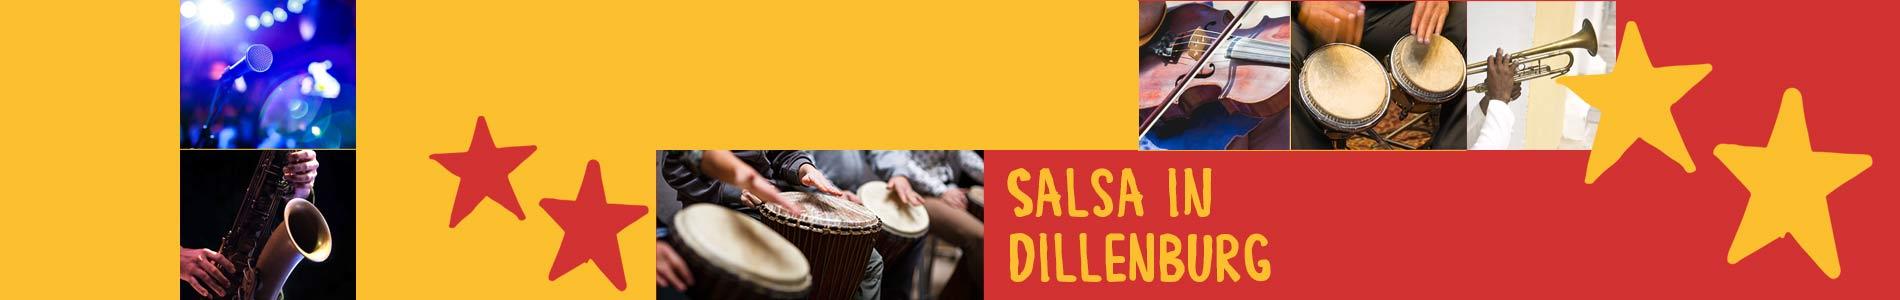 Salsa in Dillenburg – Salsa lernen und tanzen, Tanzkurse, Partys, Veranstaltungen